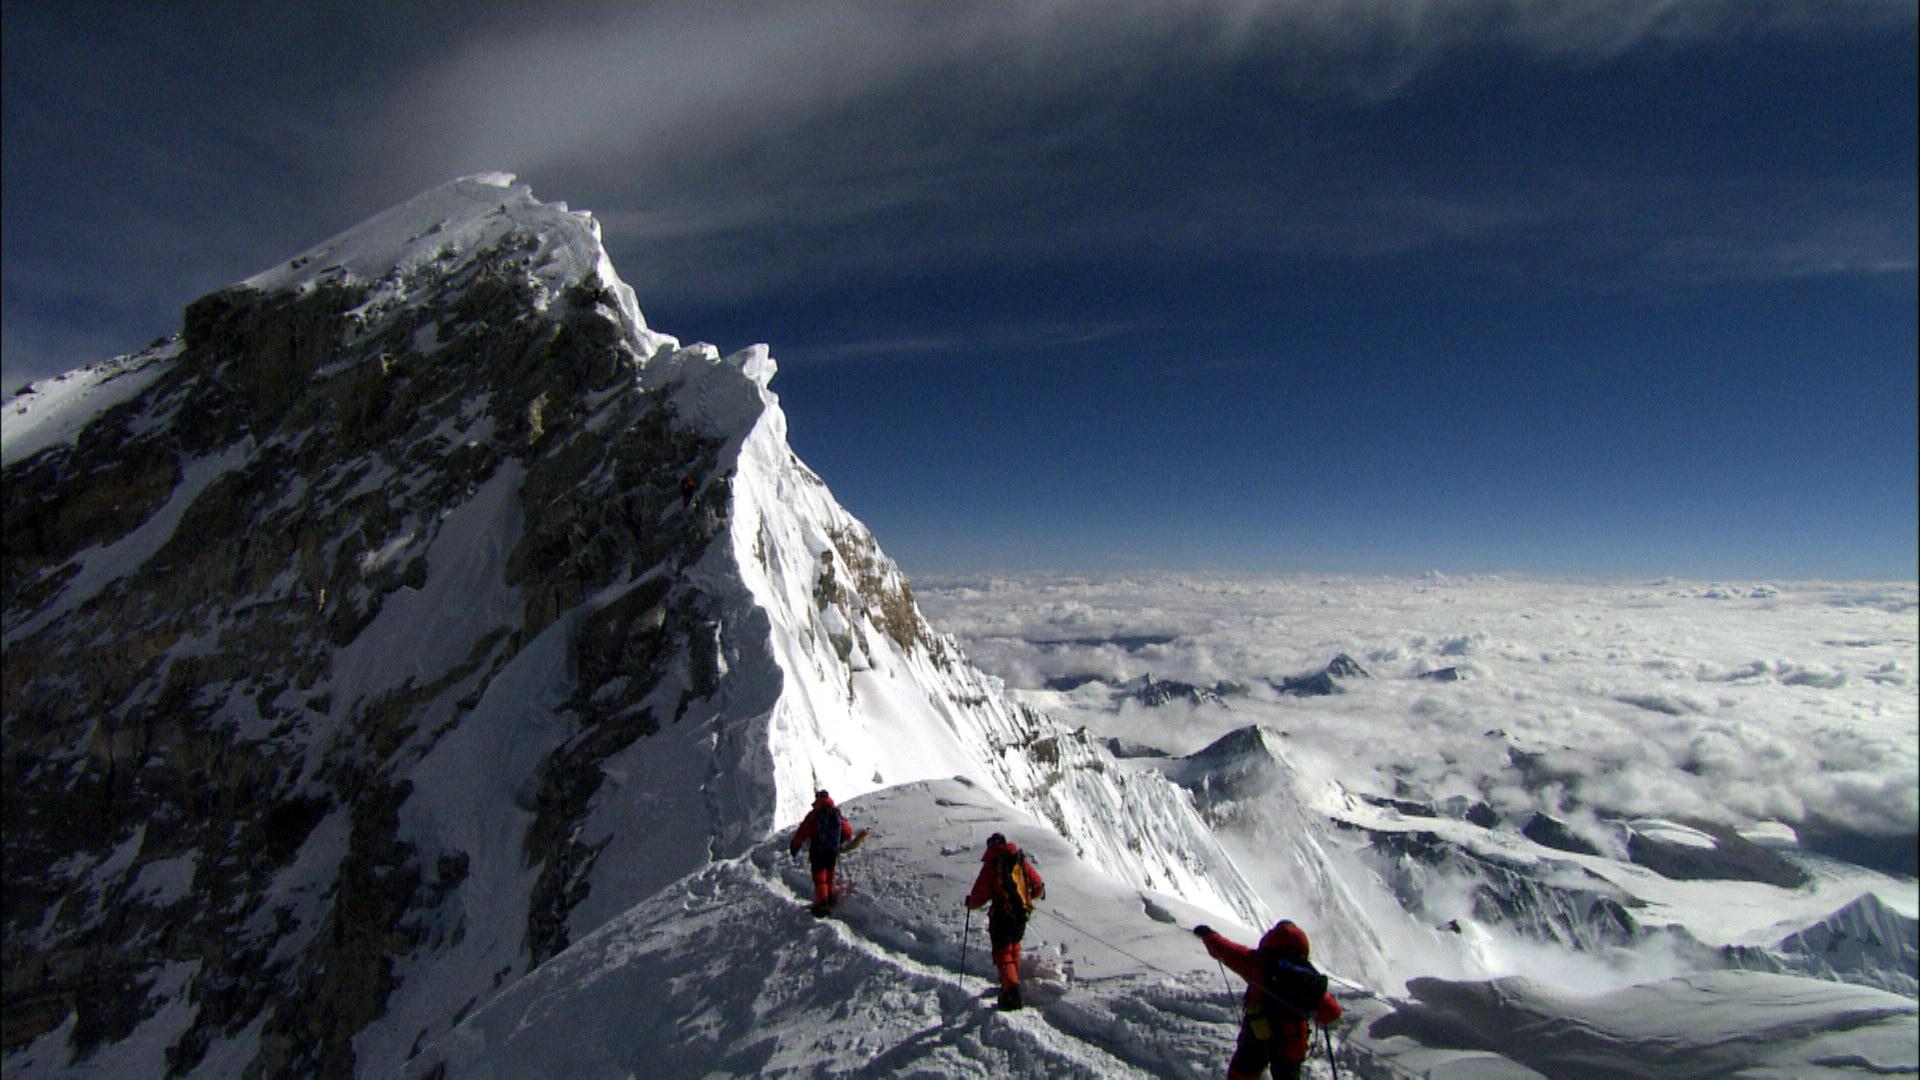 The summit ridge of Mt Everest